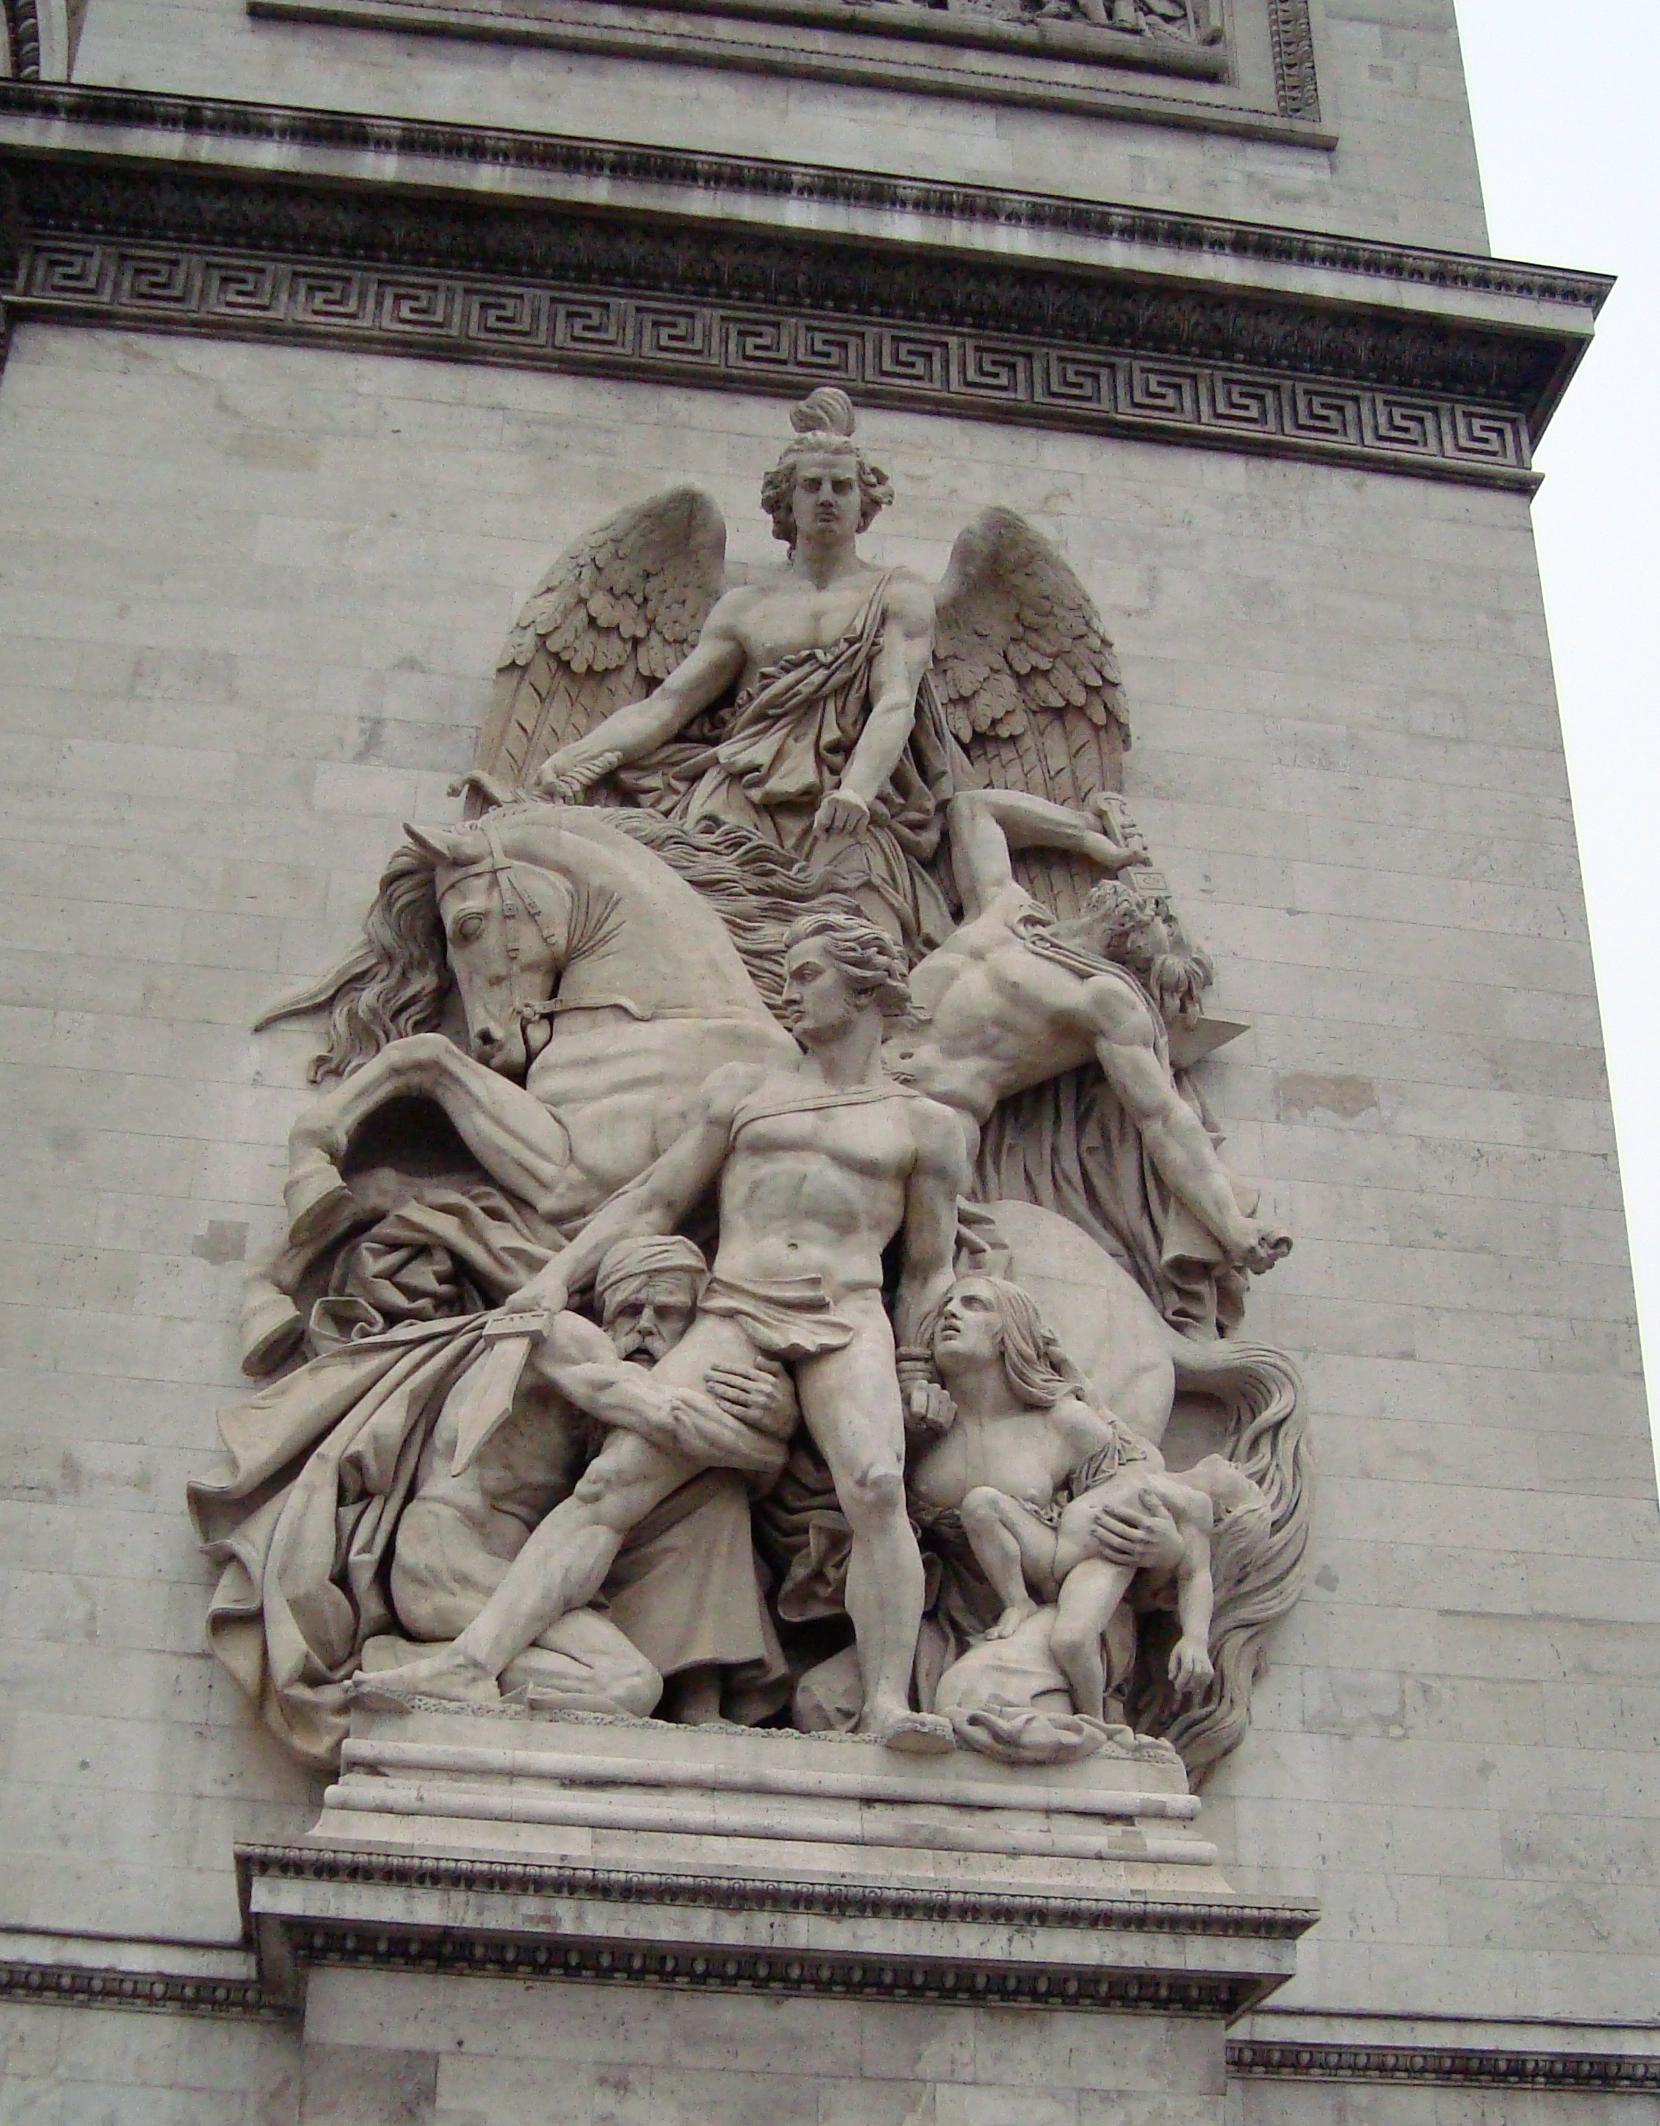 arc de triomphe detailb by billreinhold on deviantart